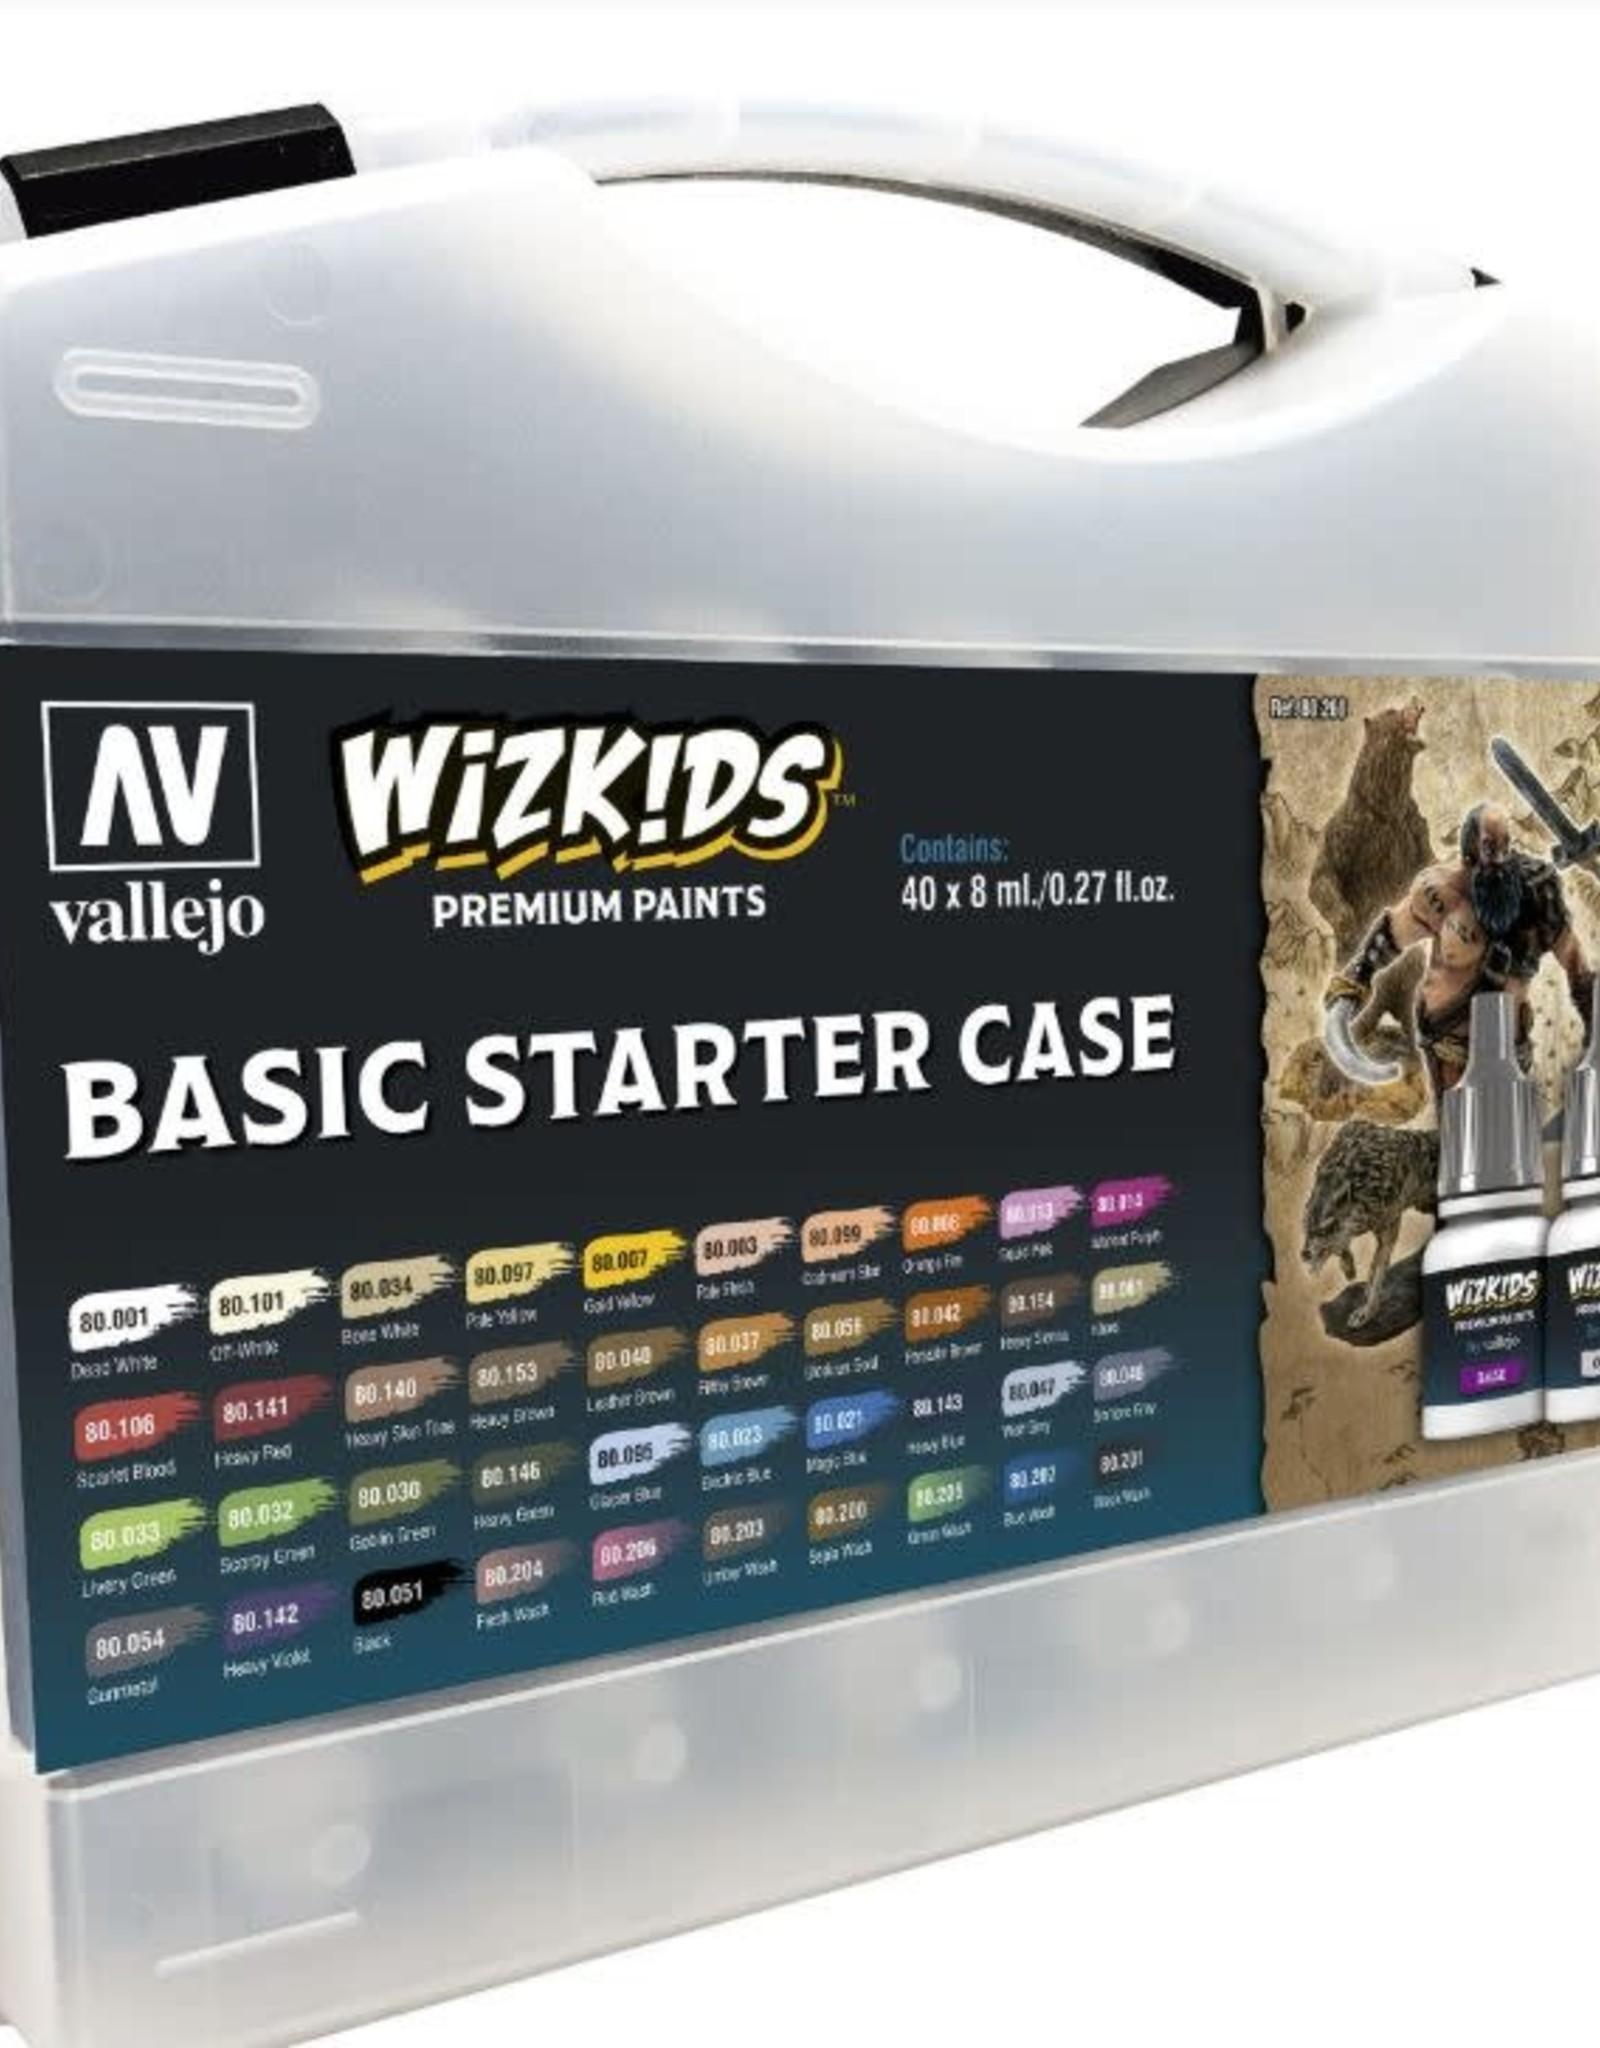 VALLEJO Wizkids Premium Basic Starter Case [Preorder]